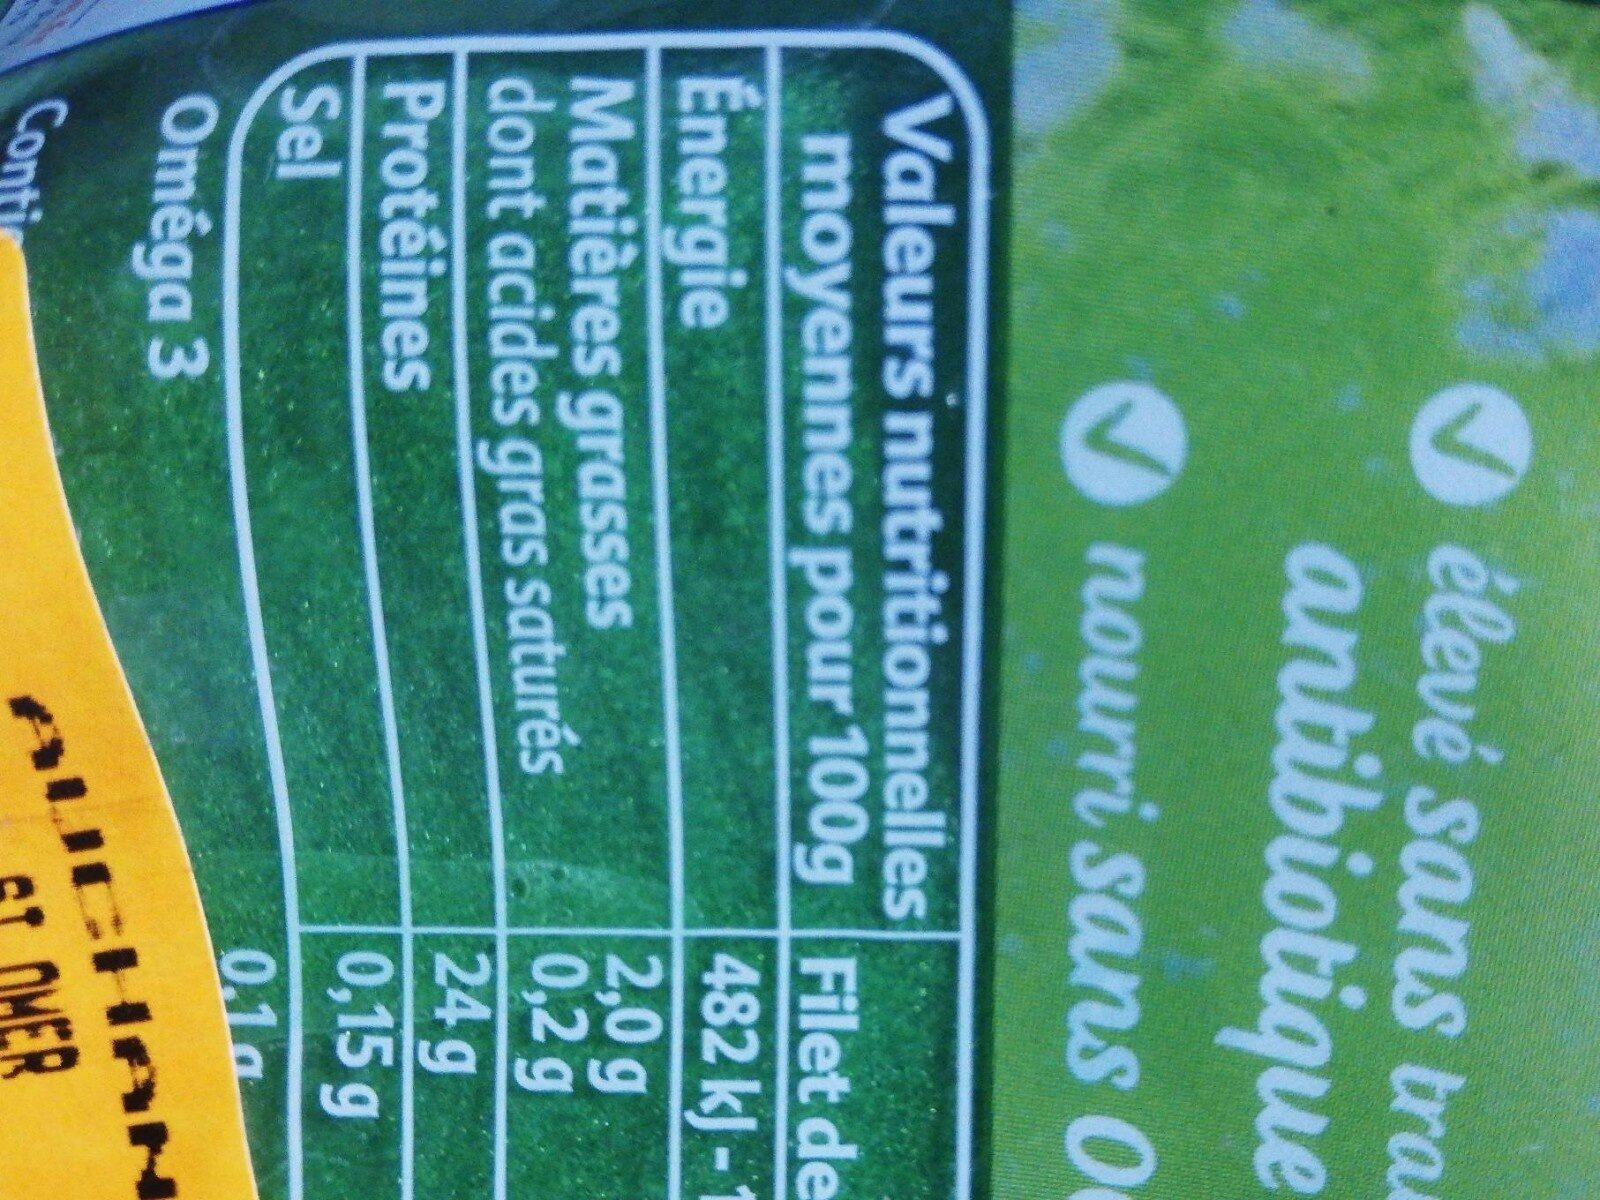 Aiguillette de poulet certifié - Valori nutrizionali - fr